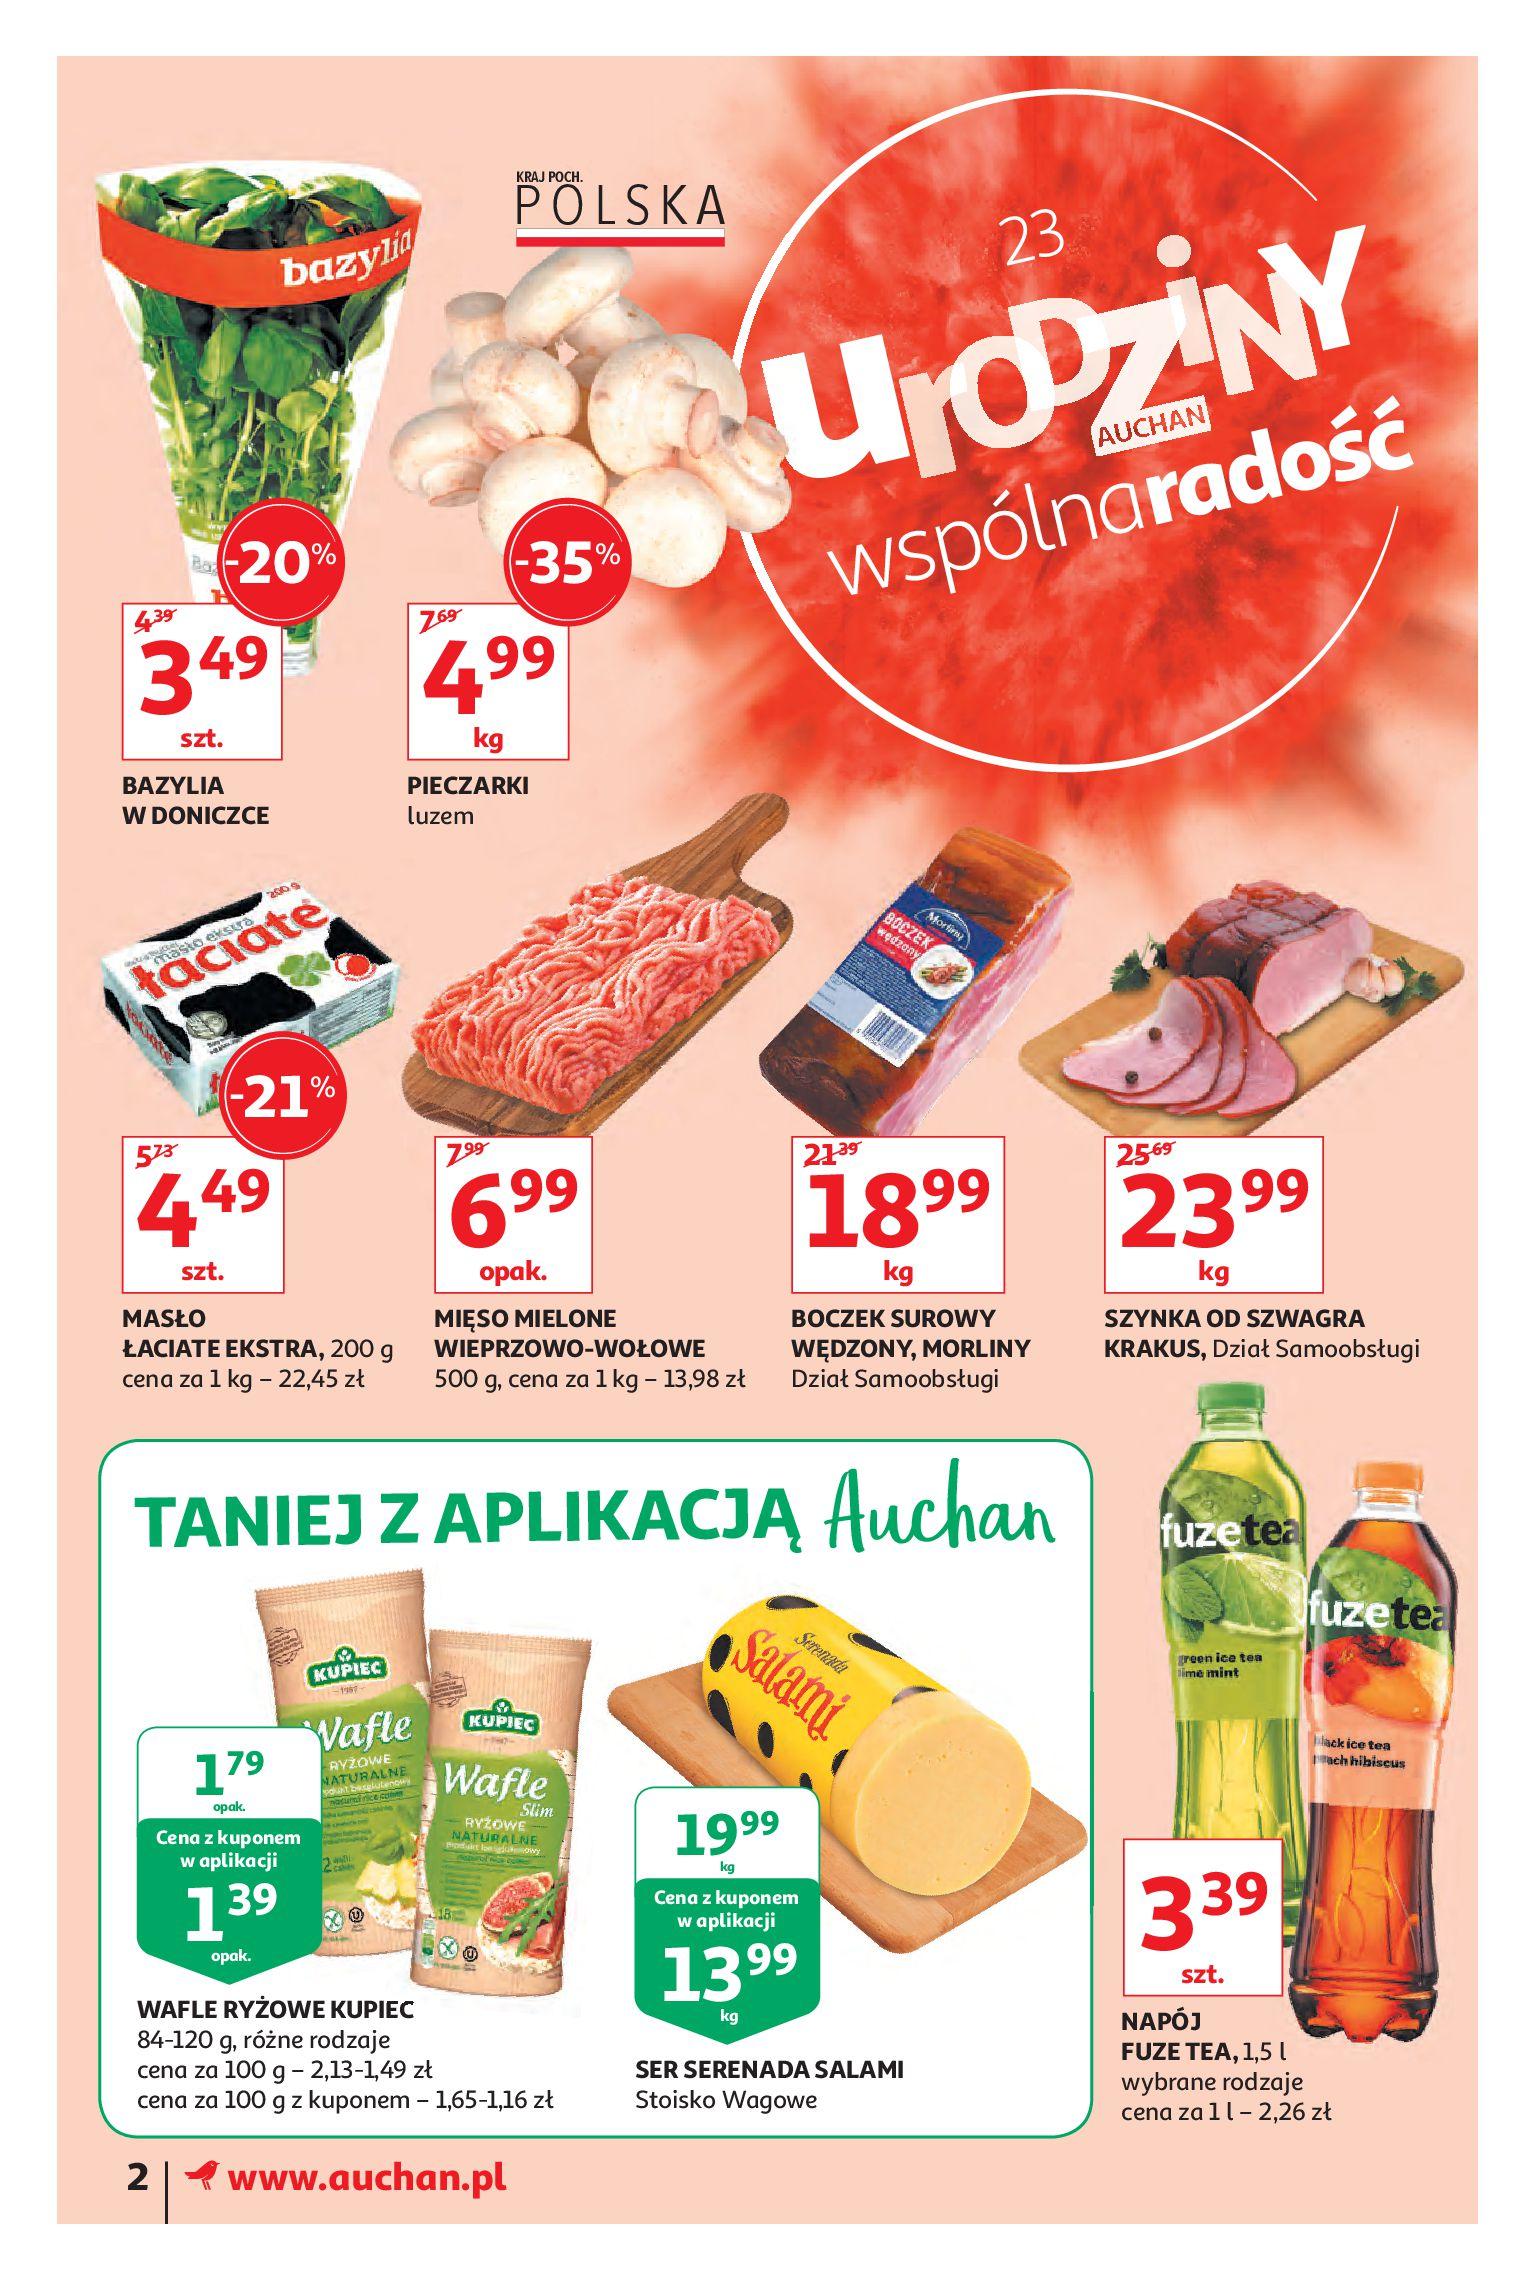 Gazetka Auchan - Urodziny Auchan cz. III - Moje Auchan-15.05.2019-23.05.2019-page-